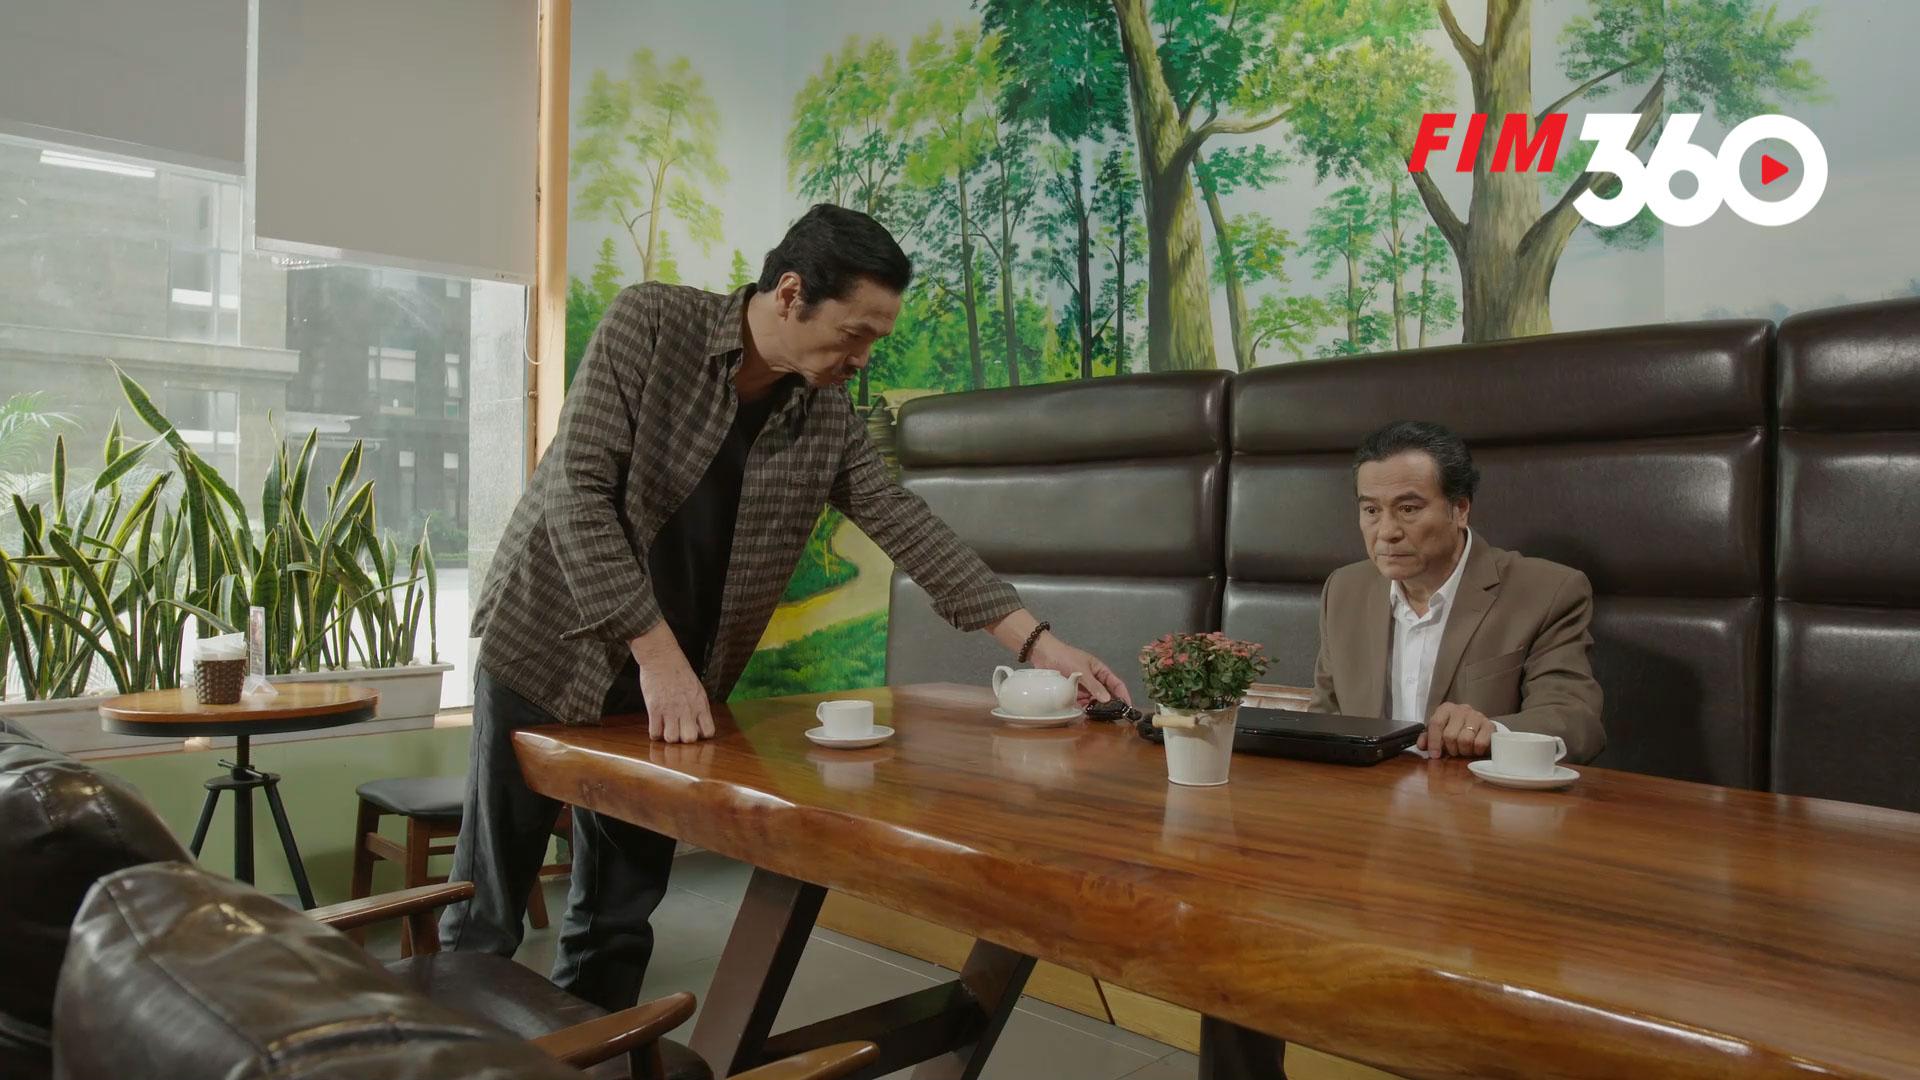 Ông Tôn 'lật bài ngửa', tuyên bố Huấn không thể cướp lấy Hà Vy trong tập 36 'Mặt nạ hạnh phúc' 2